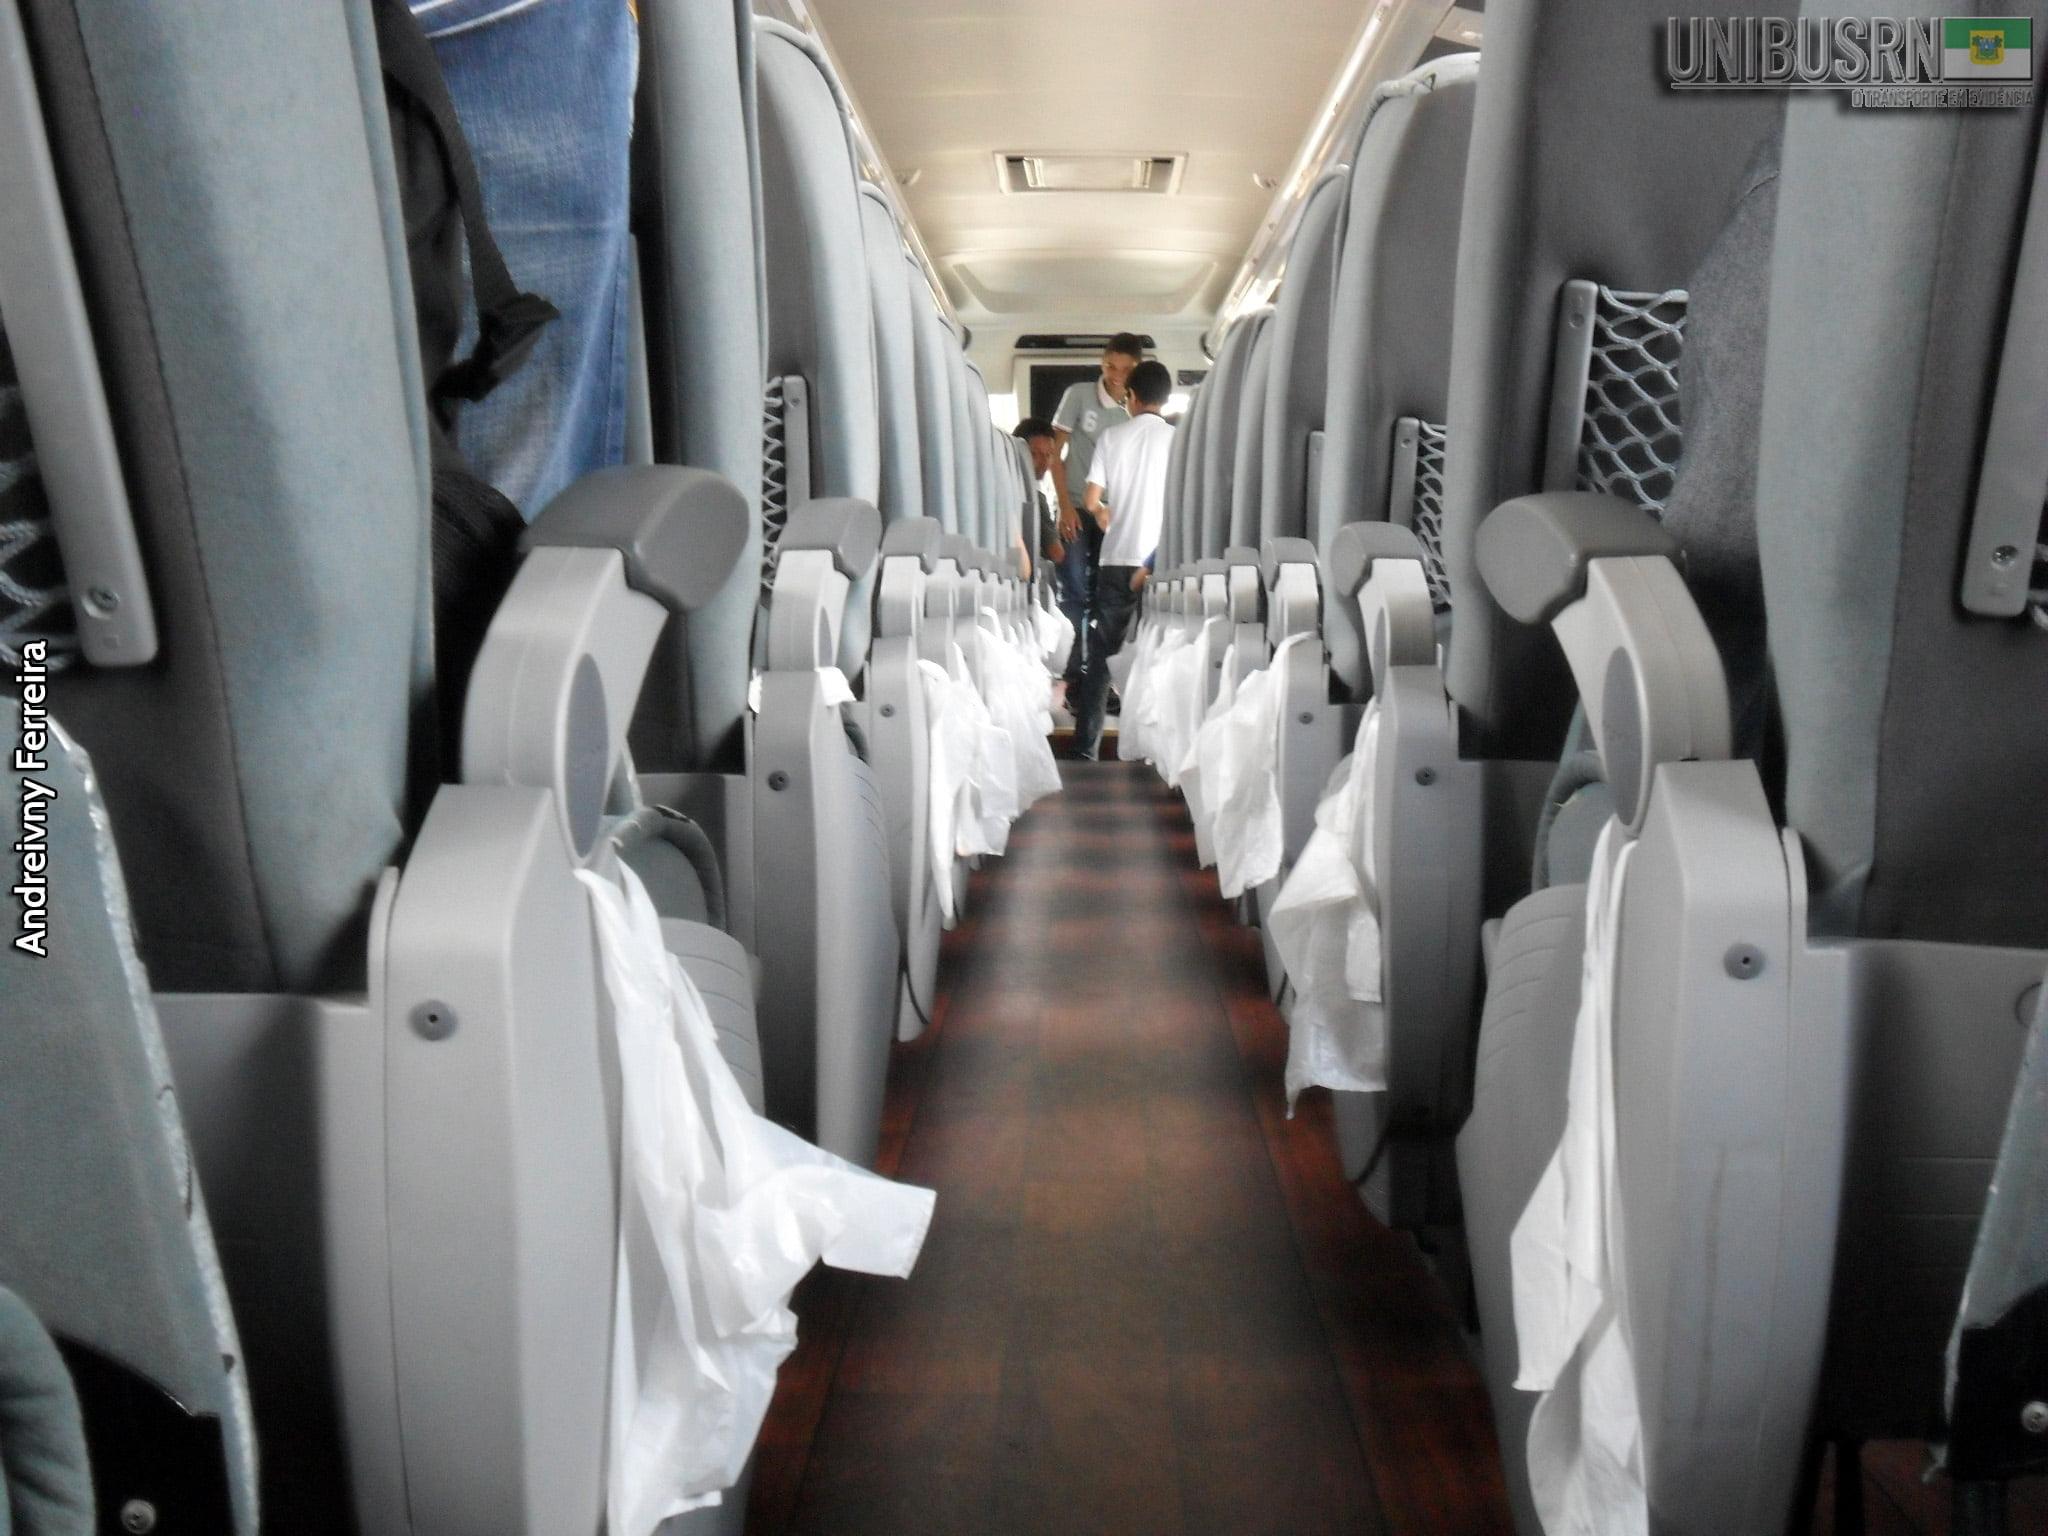 Senado: Projeto proíbe cobrança por assento extra utilizado por pessoa obesa em transportes e eventos